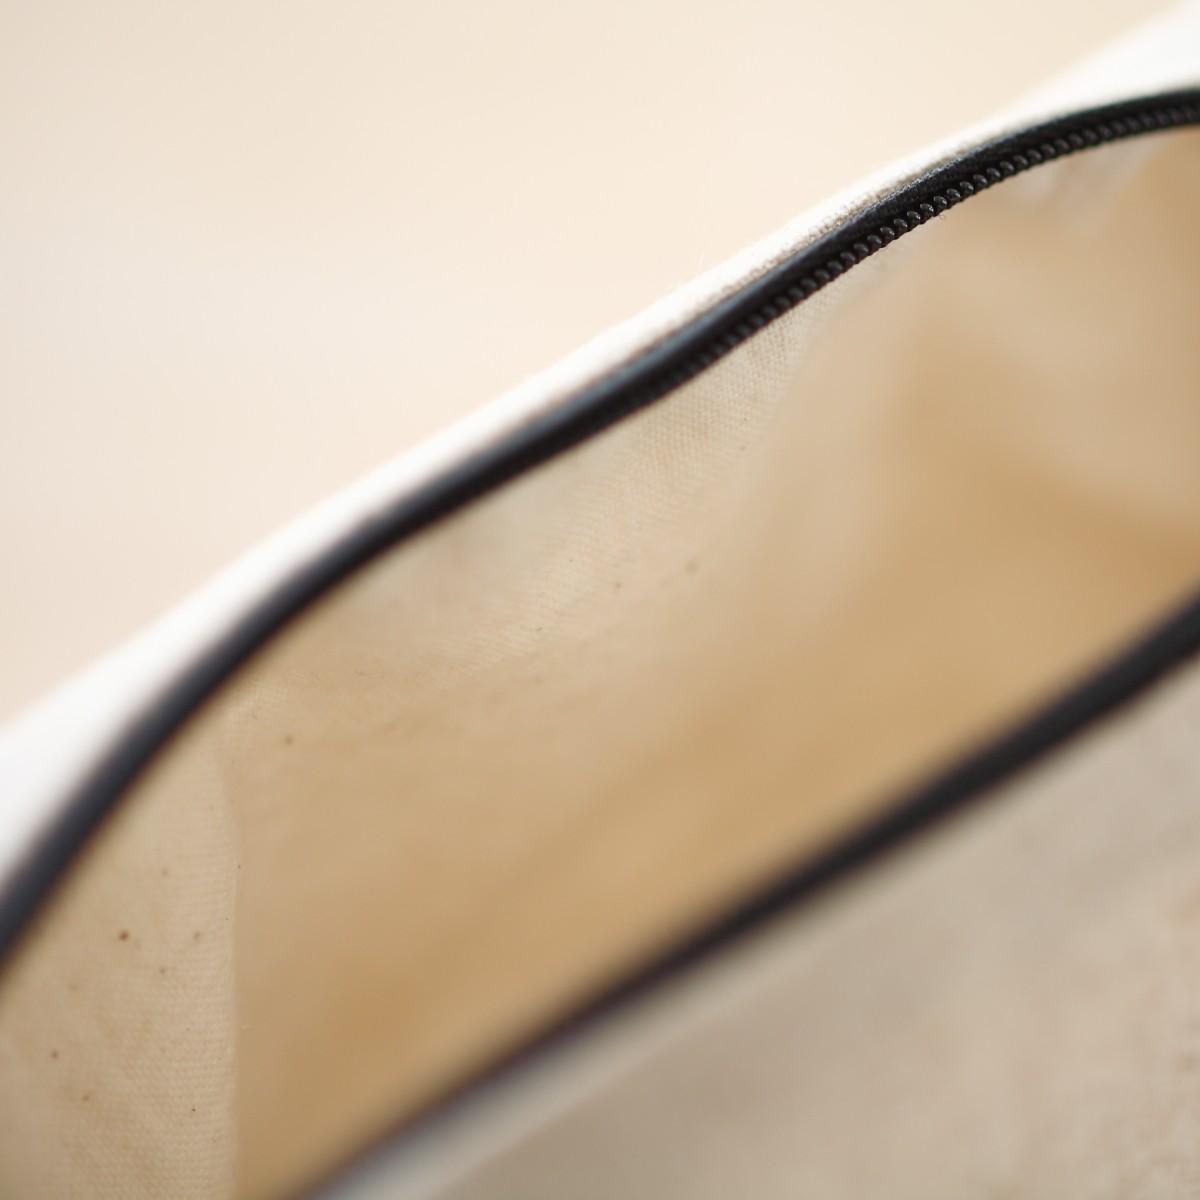 퀼트패키지 프레임동전지갑만들기 디자인선택 민무늬 헥사곤 샤프란11,600원-나미꼬의퀼트카페키덜트/취미, 핸드메이드/DIY, 퀼트/원단공예, 수납/주머니 패키지바보사랑퀼트패키지 프레임동전지갑만들기 디자인선택 민무늬 헥사곤 샤프란11,600원-나미꼬의퀼트카페키덜트/취미, 핸드메이드/DIY, 퀼트/원단공예, 수납/주머니 패키지바보사랑